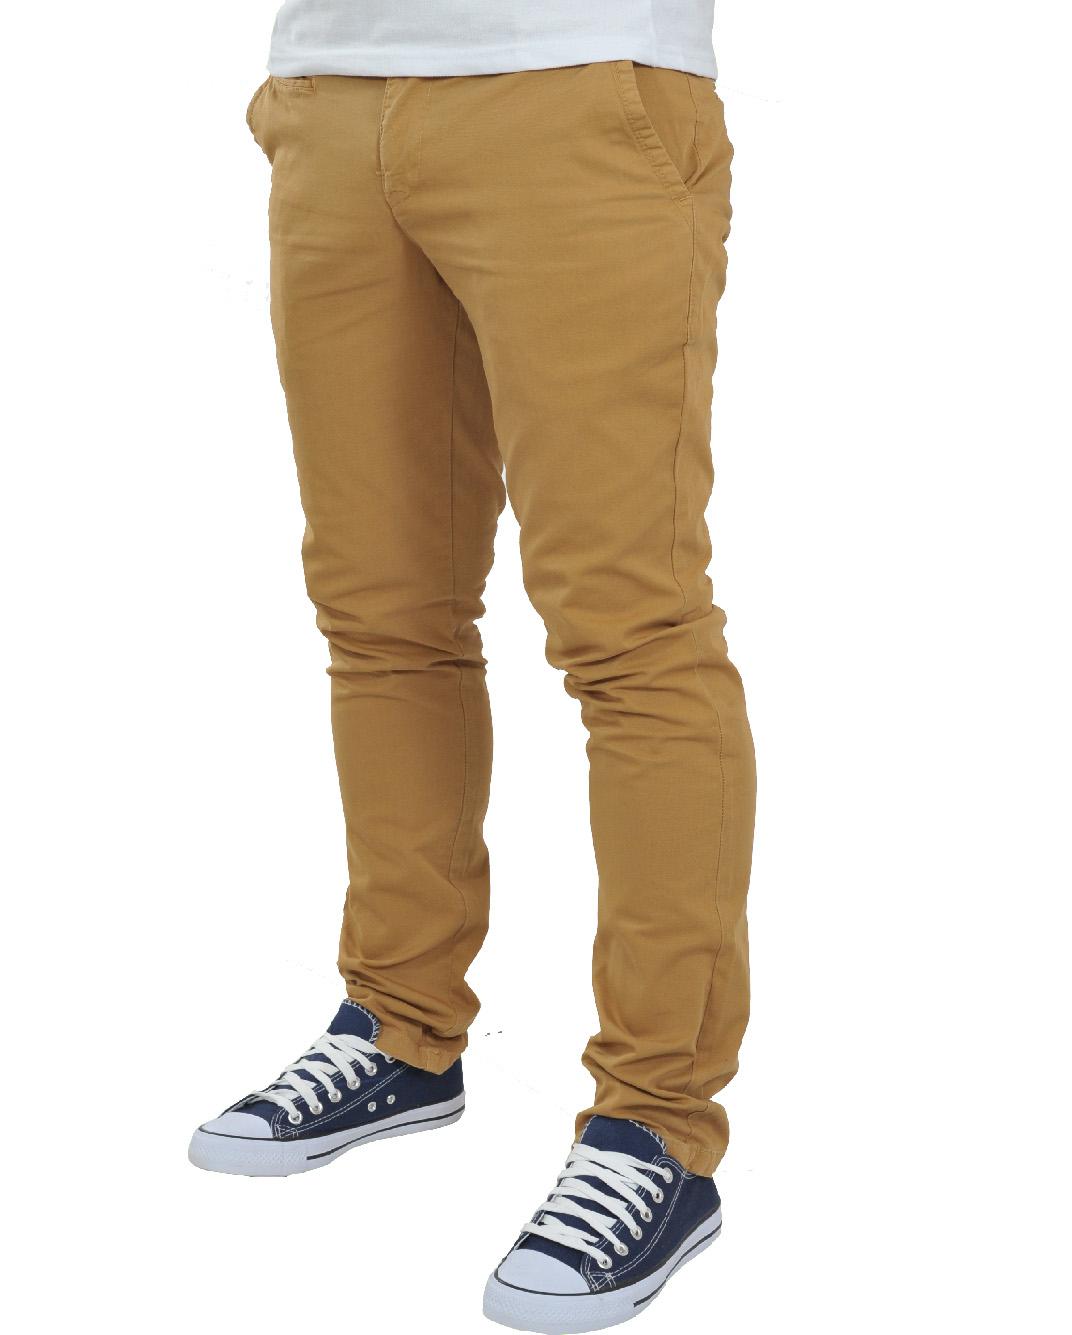 Ανδρικό Chino Παντελόνι Light Brown-Καφέ Ανοικτό αρχική ανδρικά ρούχα παντελόνια chinos